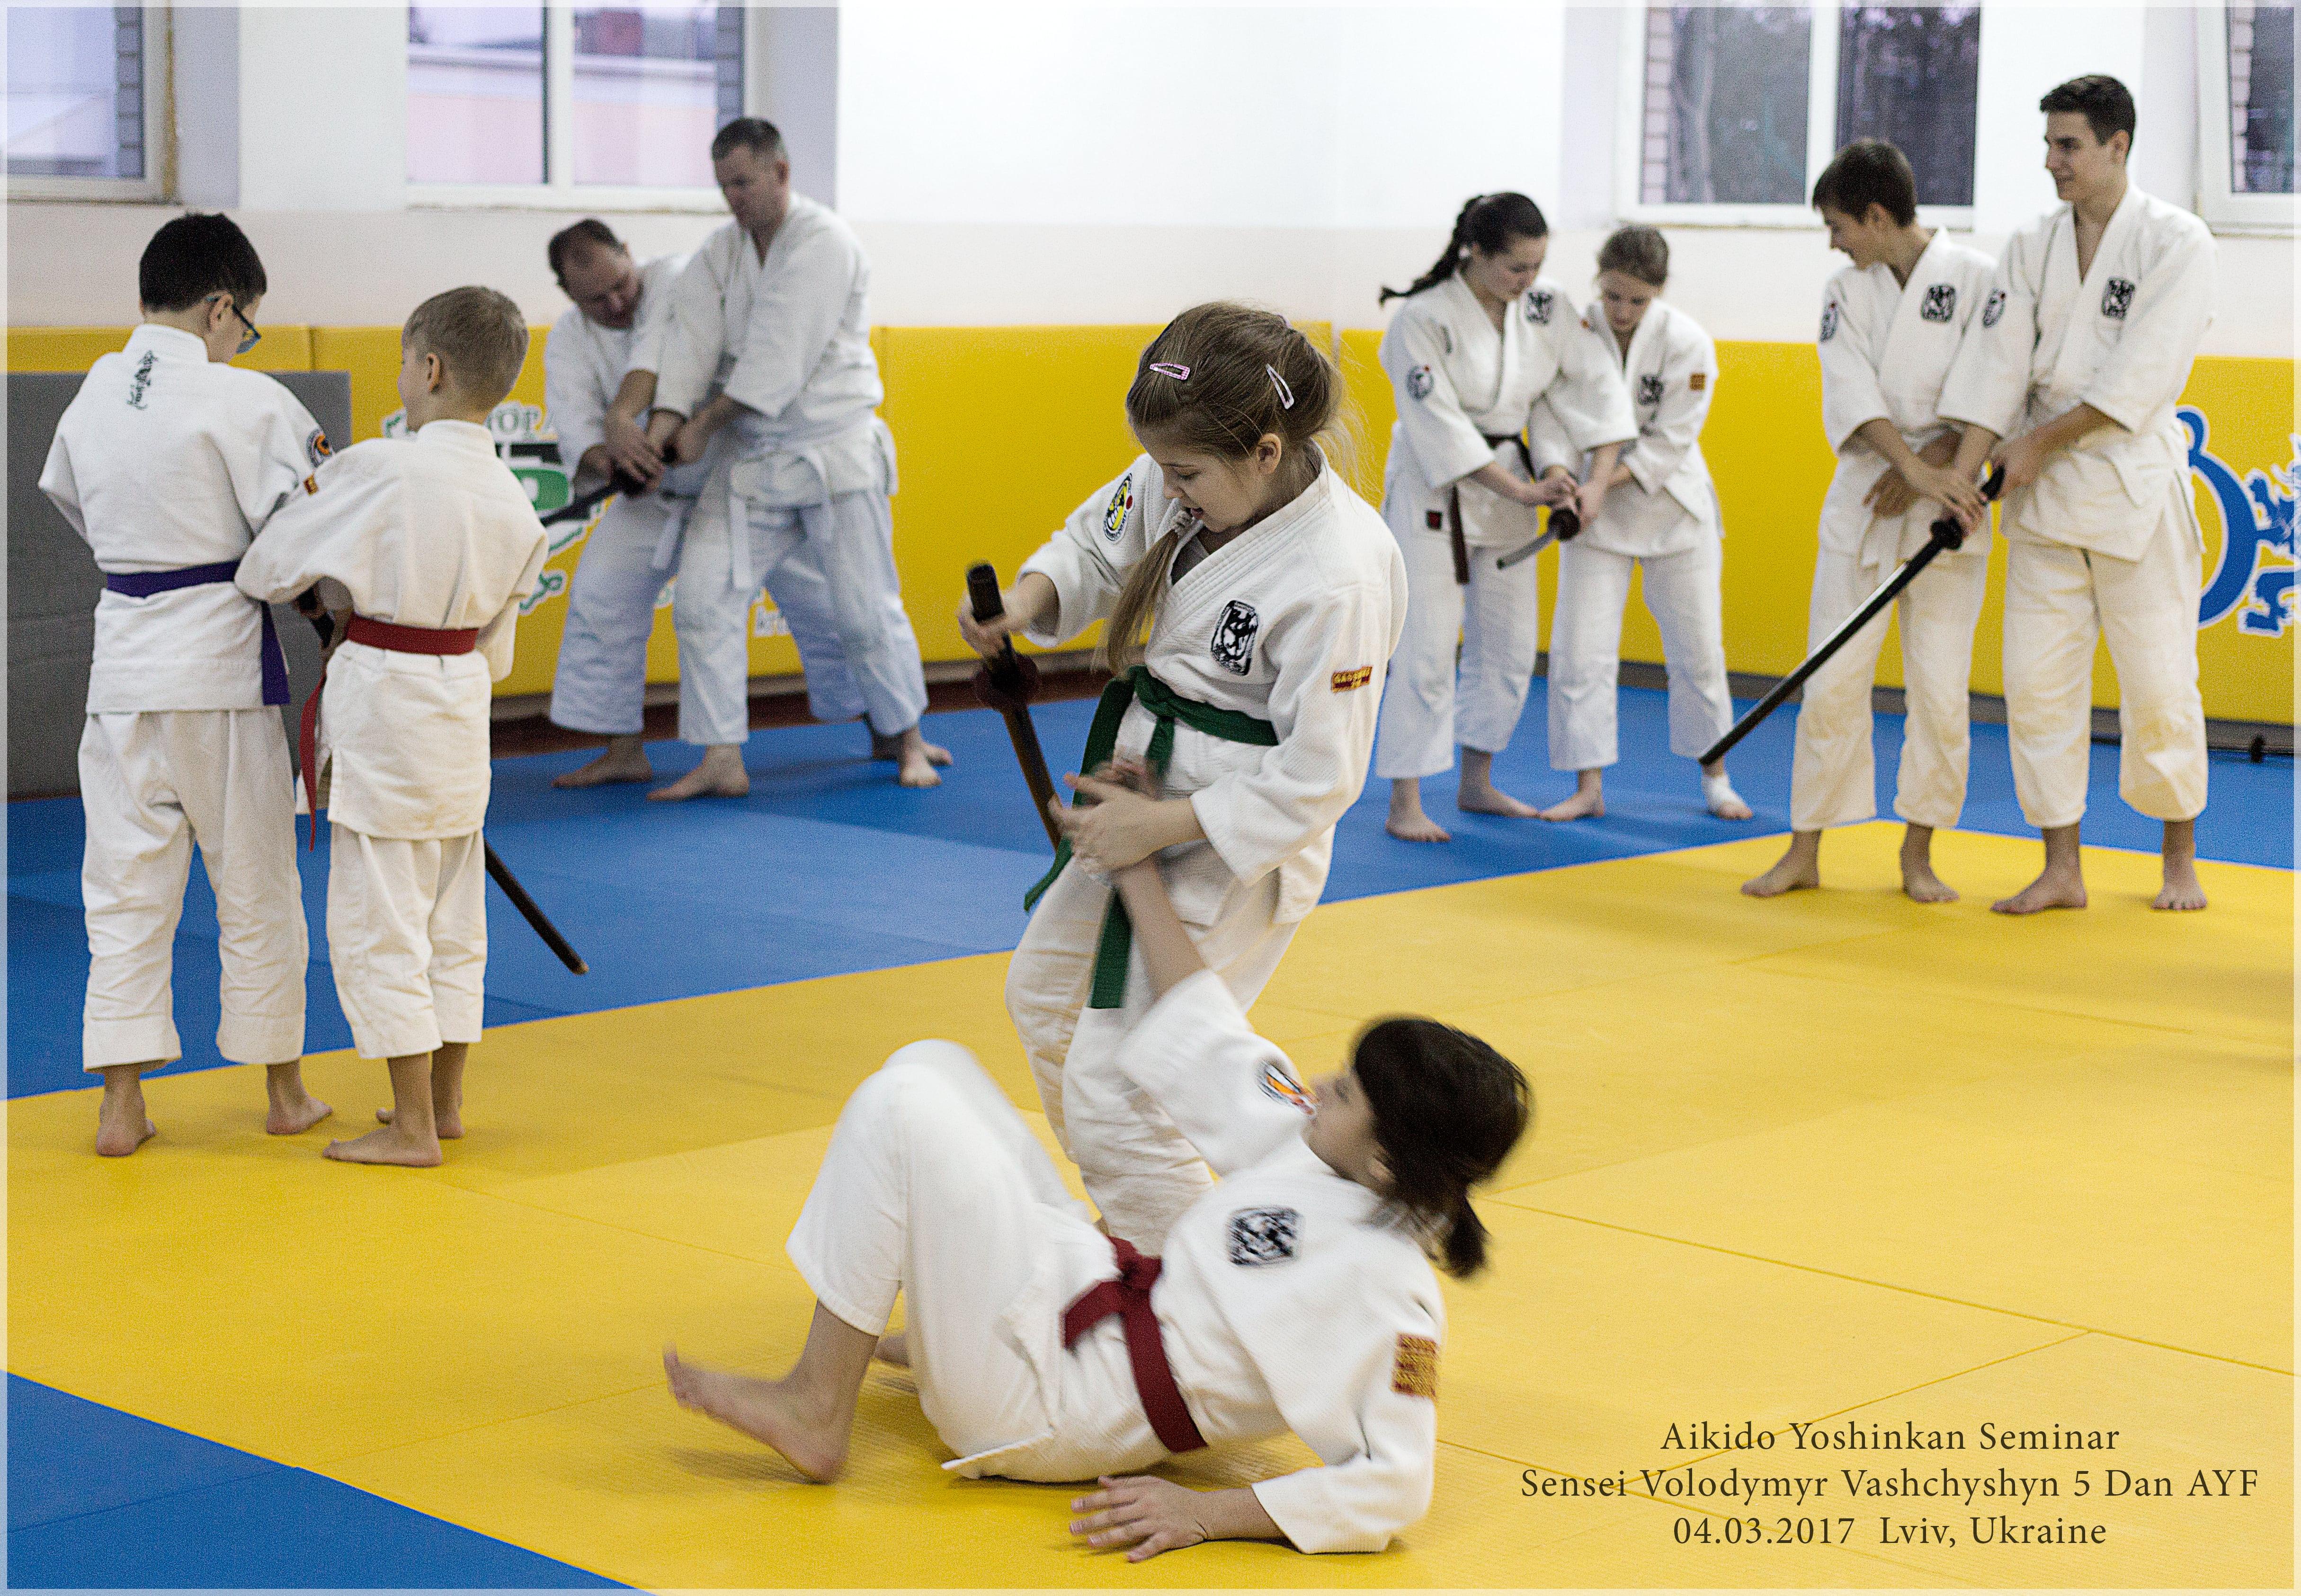 17 айкидо-семинар-львов-киев-сенсей-min